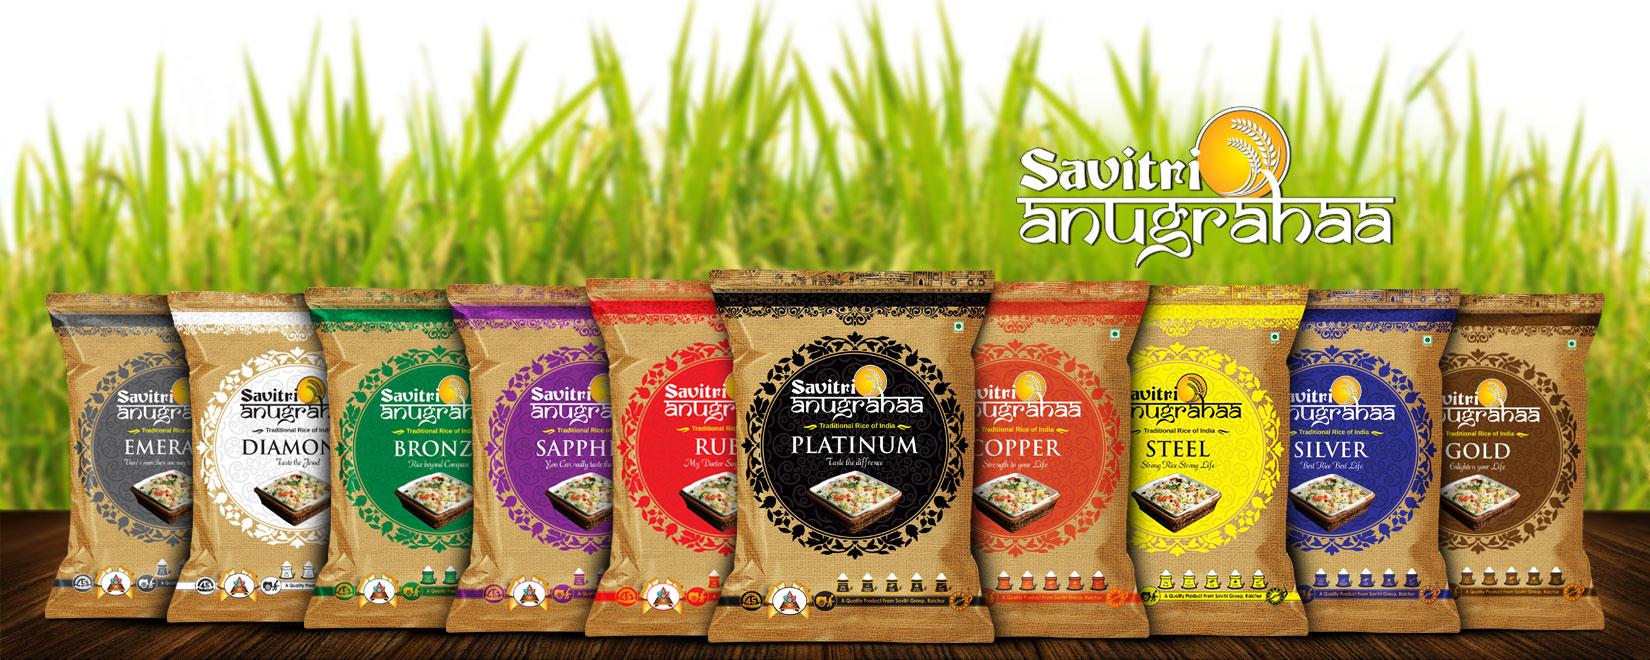 savitri-ashirvaad-banner-1